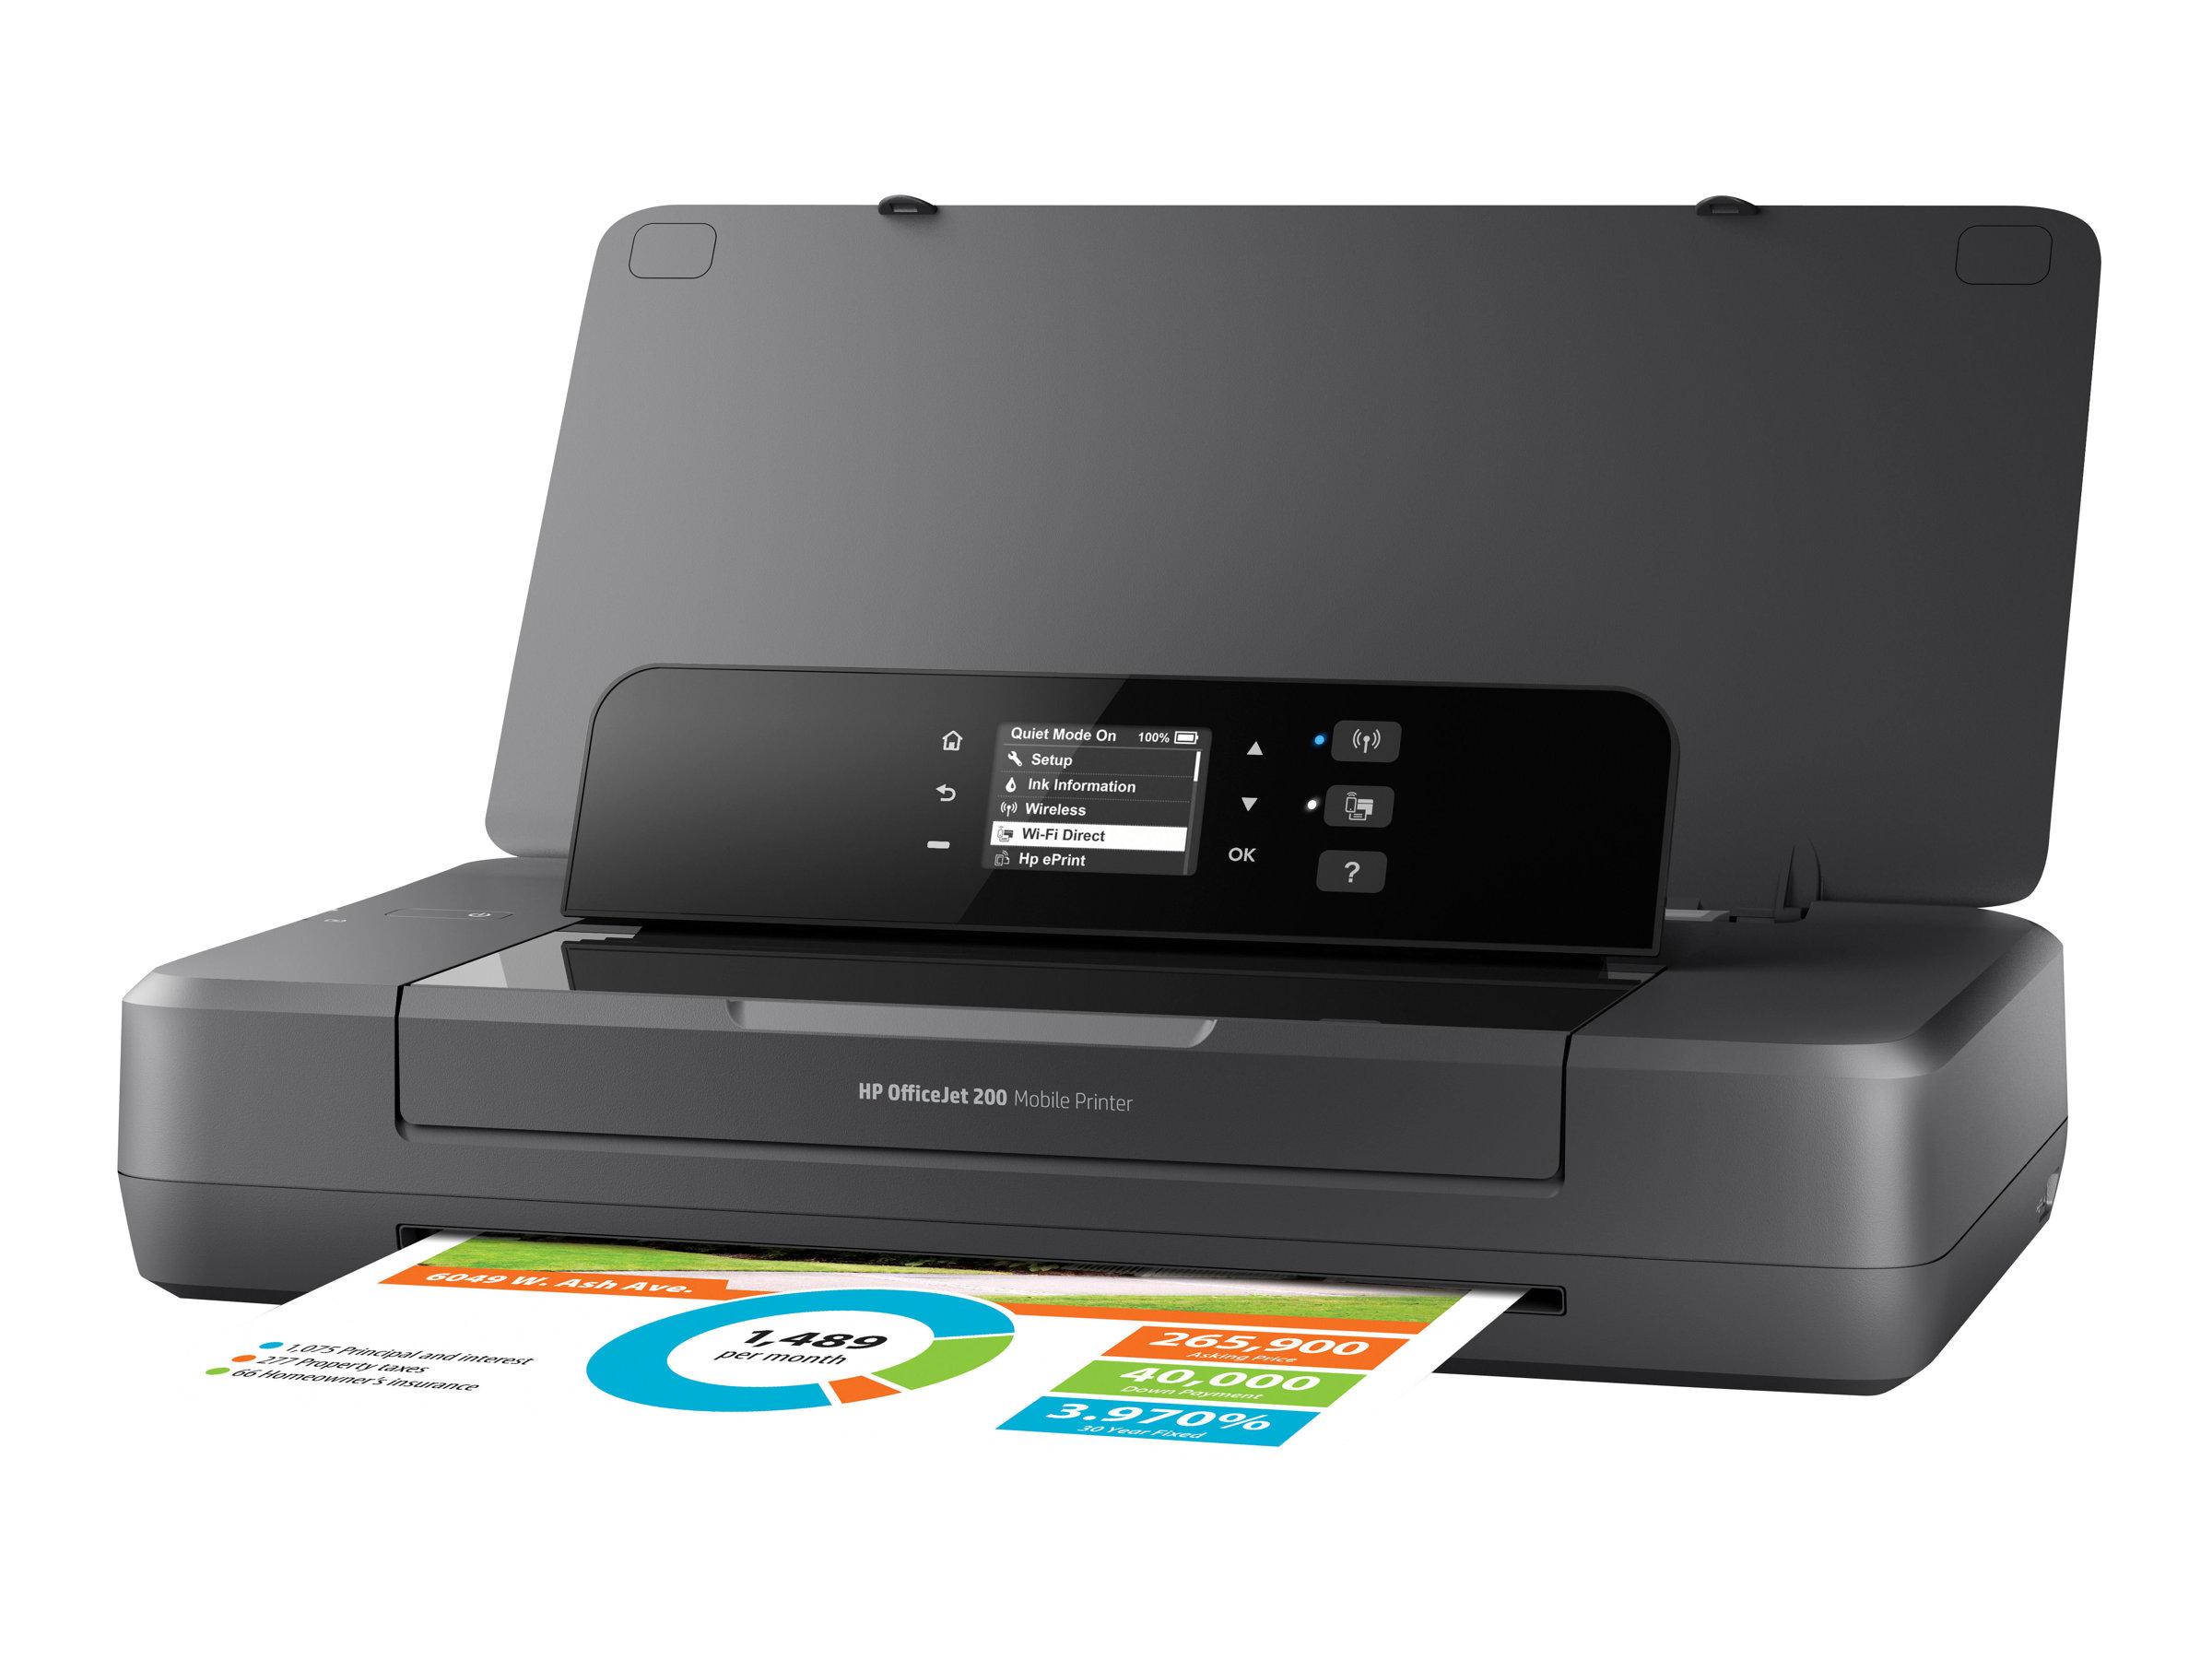 HP Officejet 200 Mobile Printer - Drucker - Farbe - Tintenstrahl - A4/Legal - 1200 x 1200 dpi - bis zu 20 Seiten/Min. (einfarbig)/